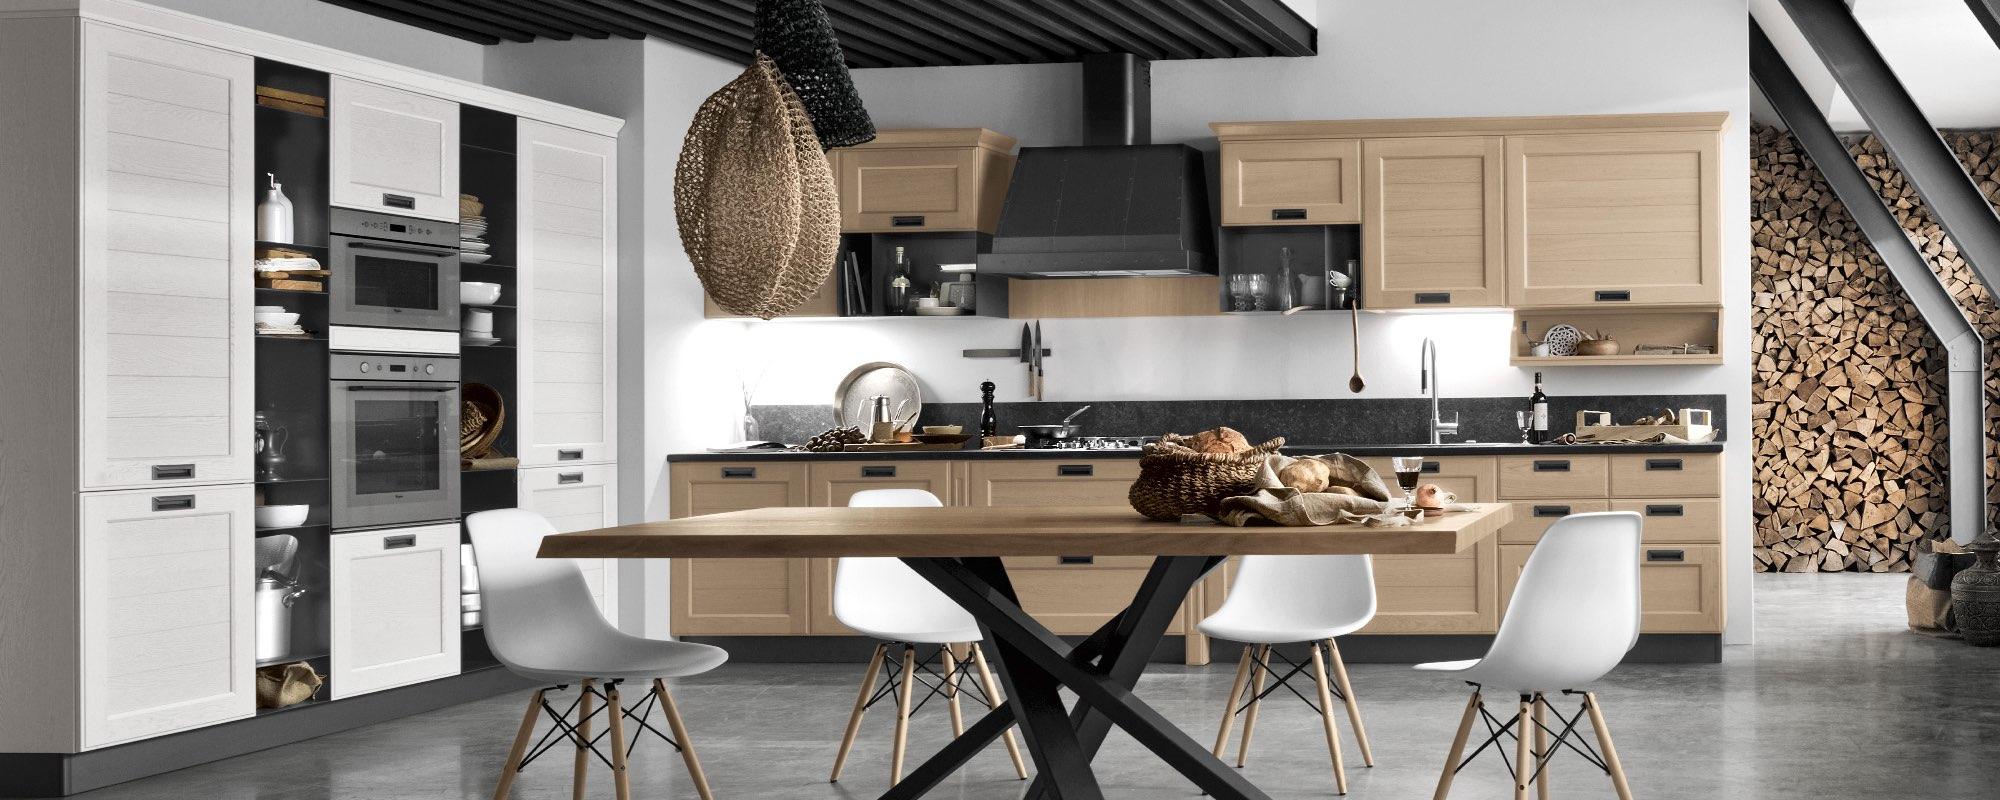 Cucine contemporanee a Cagliari: Stosa York | Cucine Cagliari ...